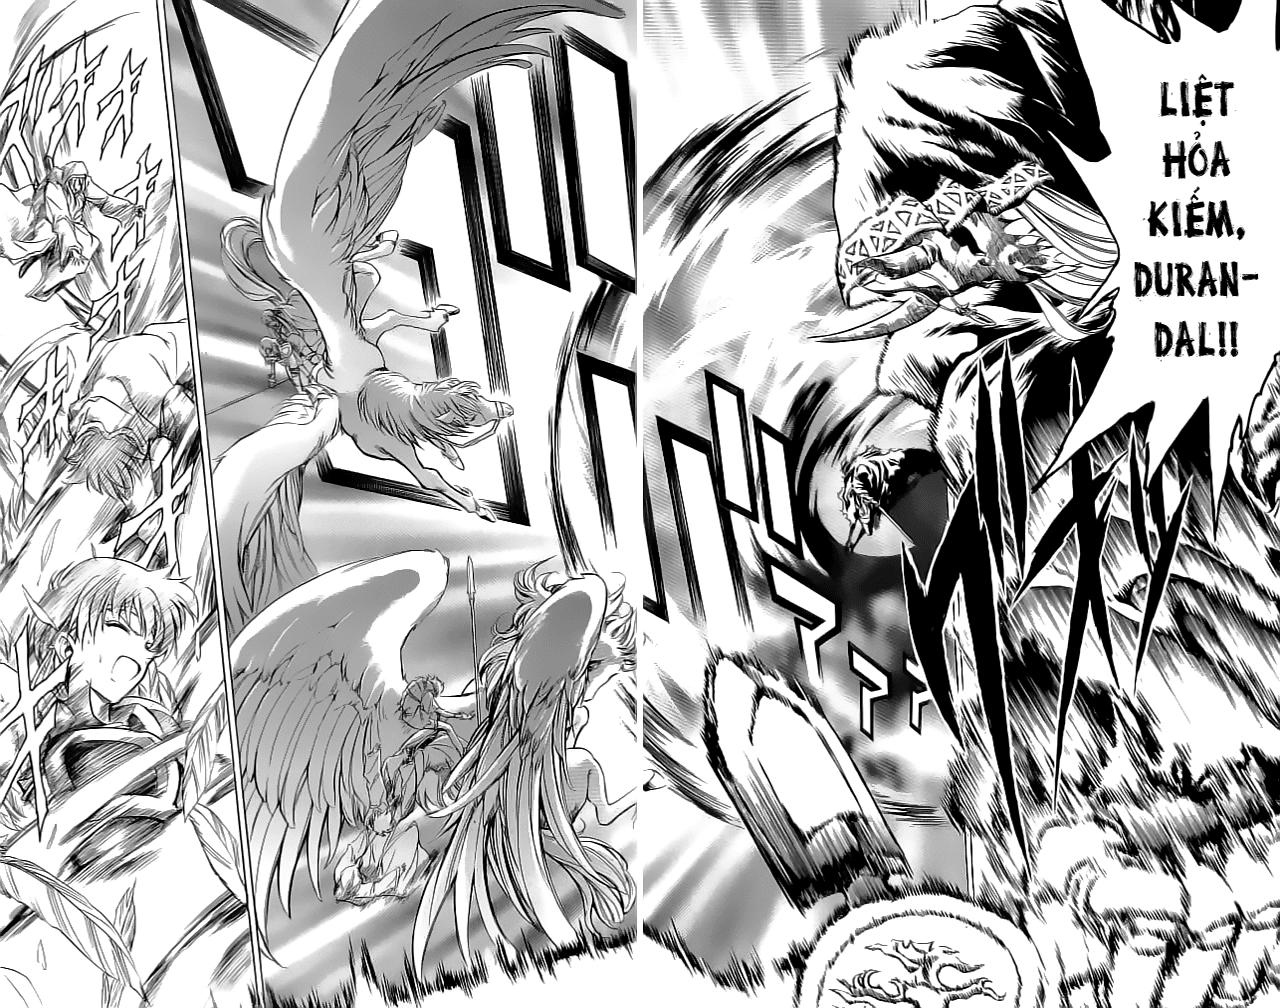 Fire Emblem - Hasha no Tsurugi chap 025 trang 25